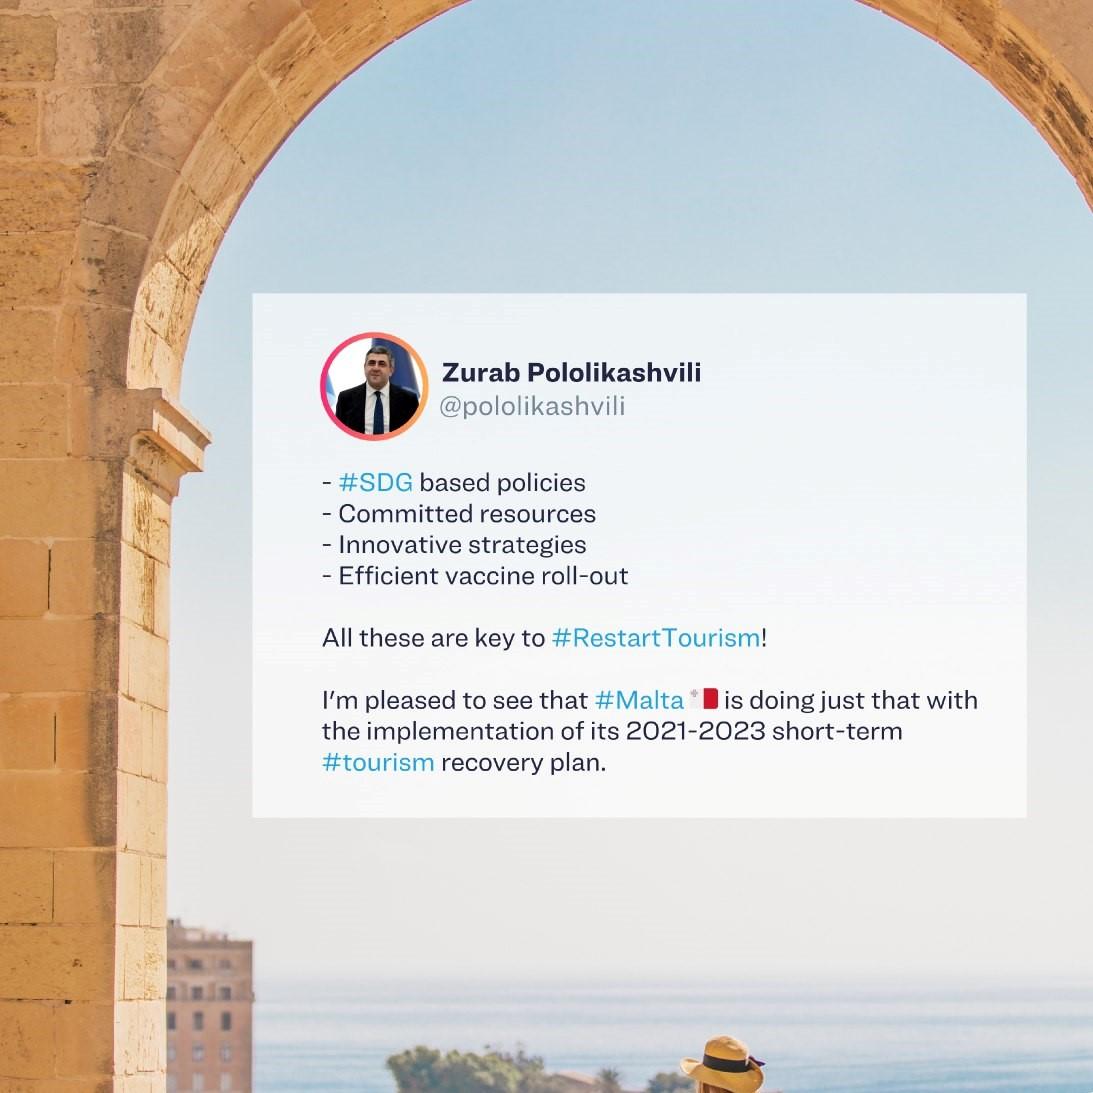 Tổng thư ký Zurab Pololikashvili World Tourism Organization (UNWTO) ủng hộ Kế hoạch Phục hồi Du lịch của Malta!